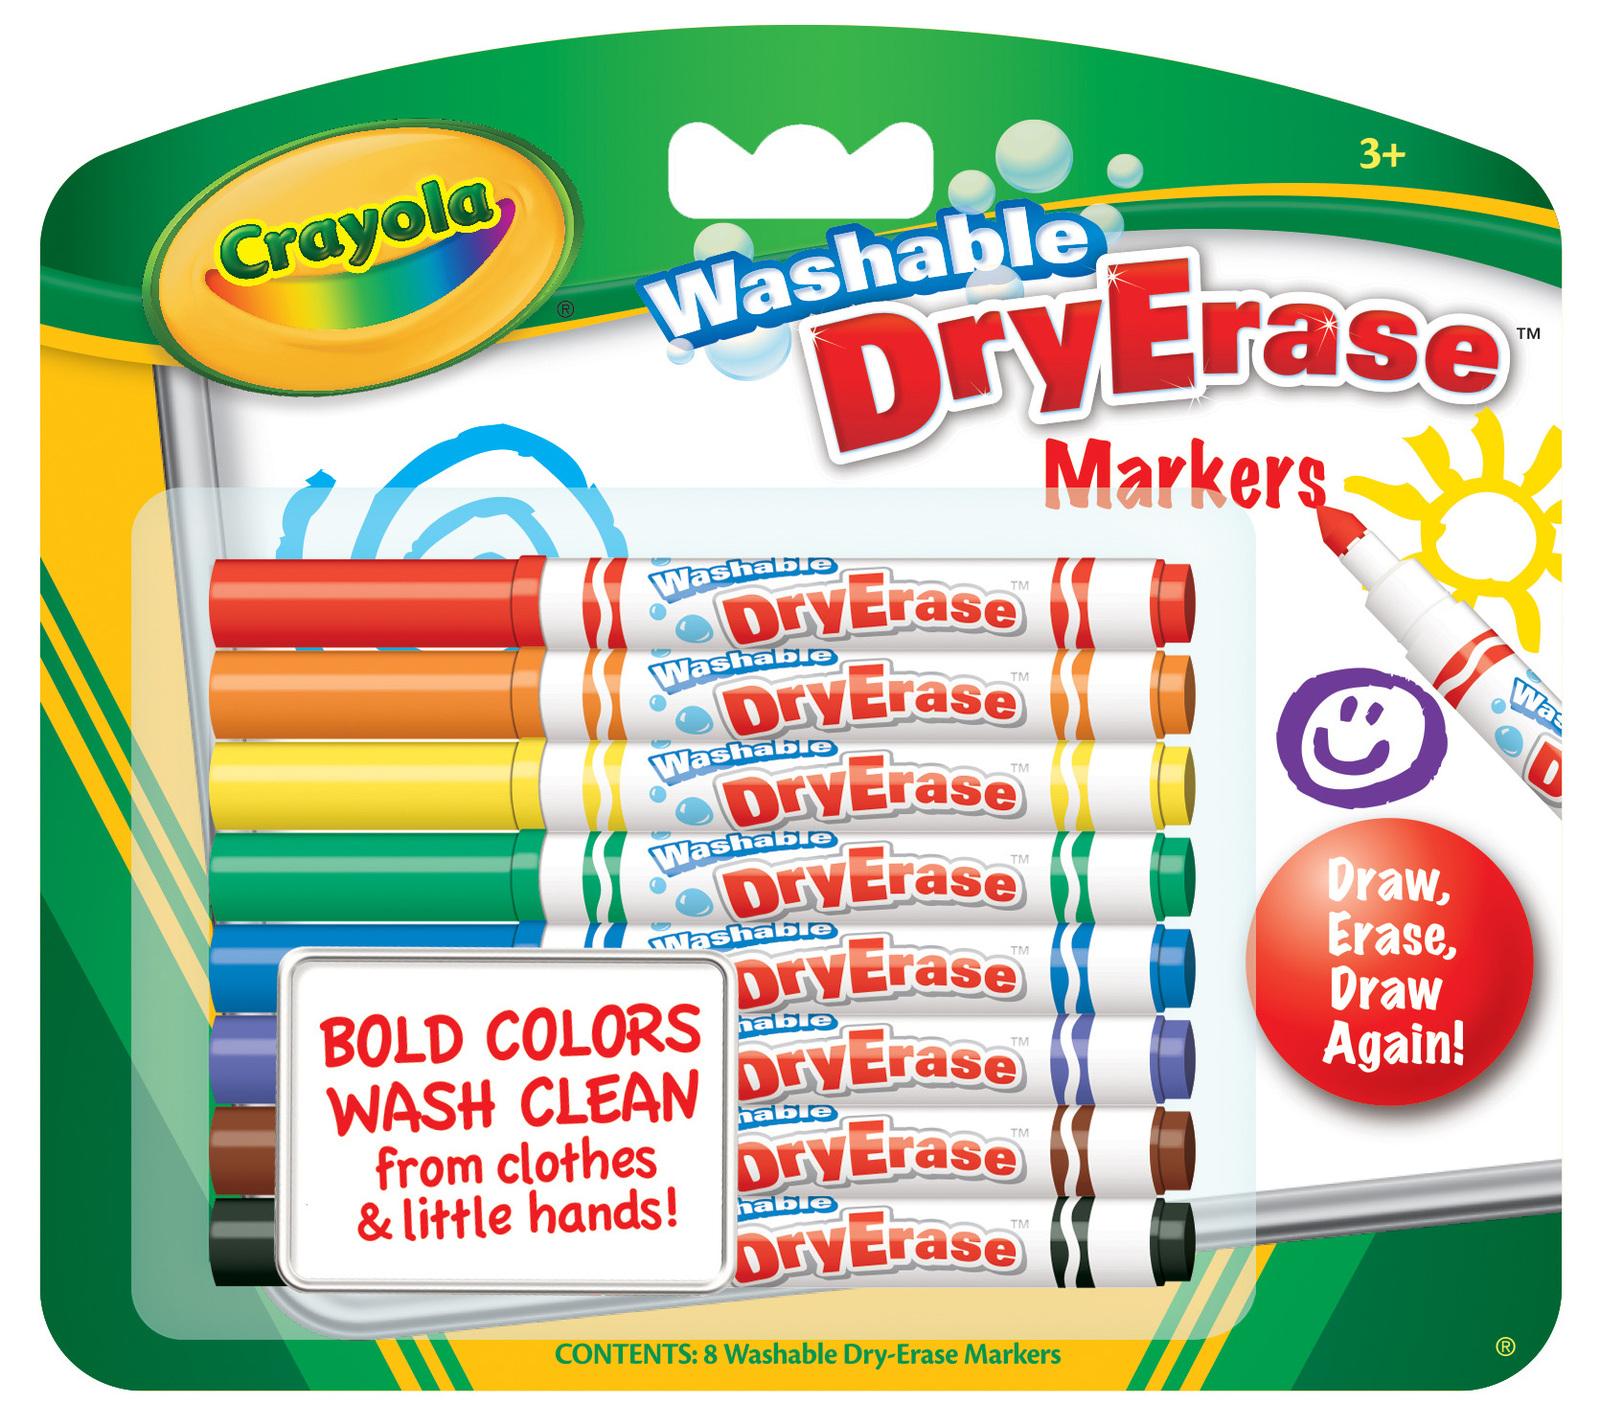 8 Washable Dry Erase Skinny Markers - Crayola image